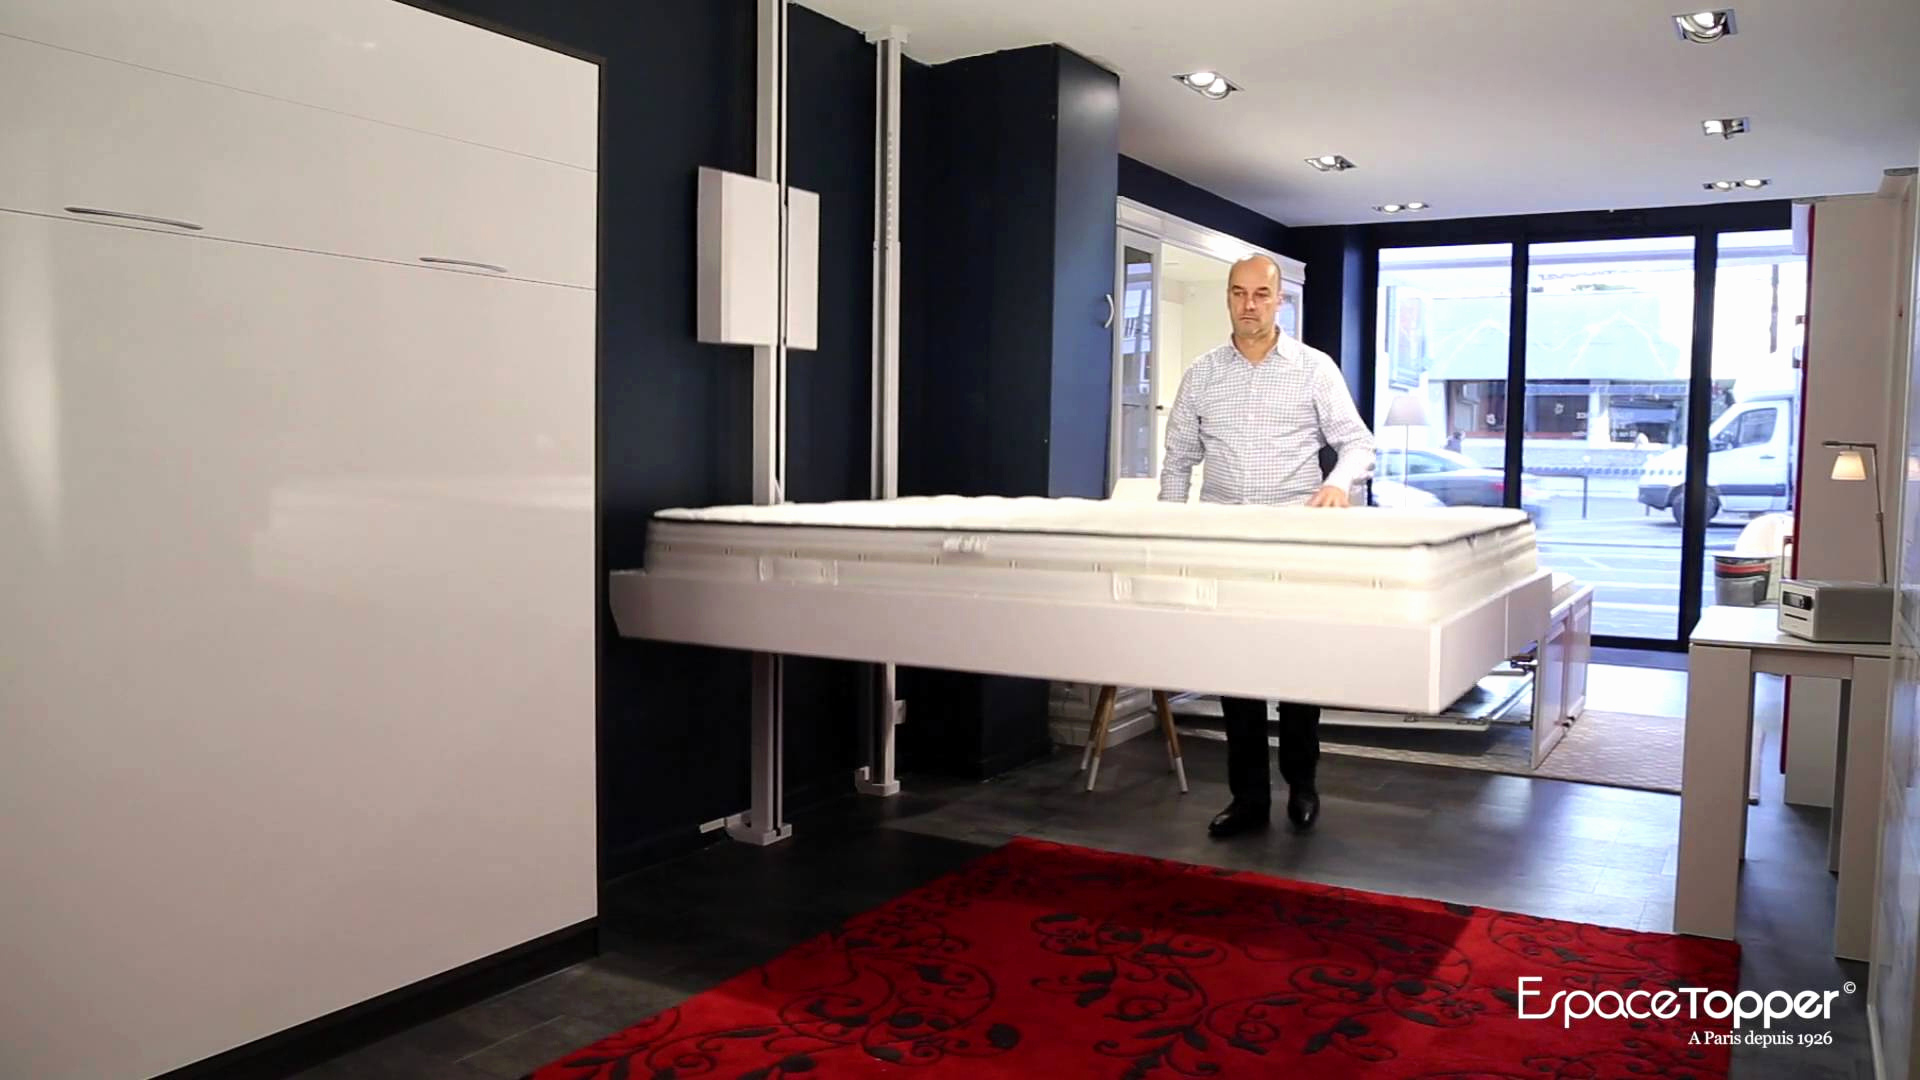 Beau Lit Escamotable Plafond Ikea - Luckytroll concernant Lit Escamotable Plafond Pas Cher